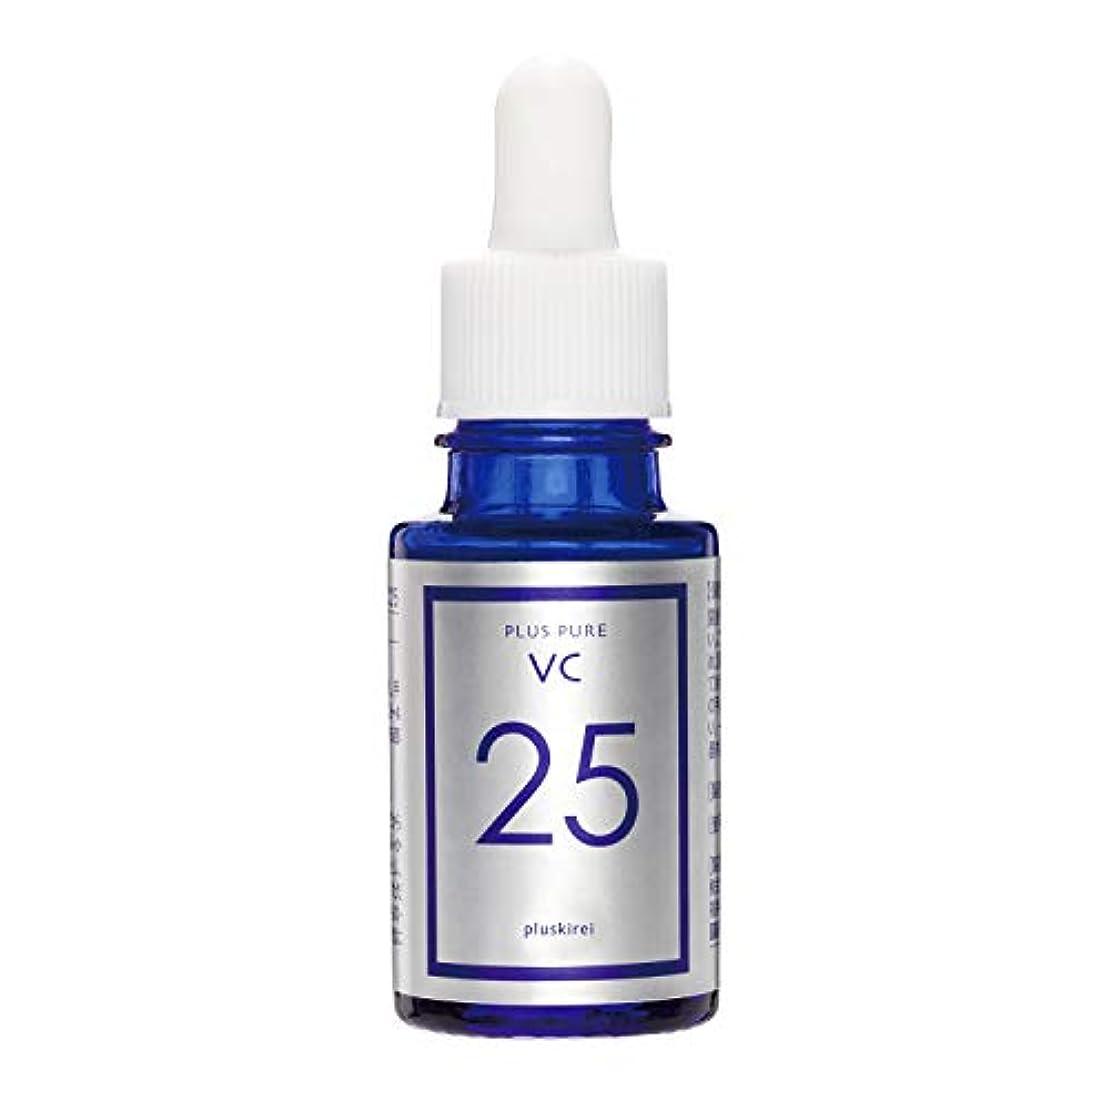 しみ習慣ネストプラスピュアVC25 ピュアビタミンC25%配合 両親媒性美容液 10mL 約1?月分